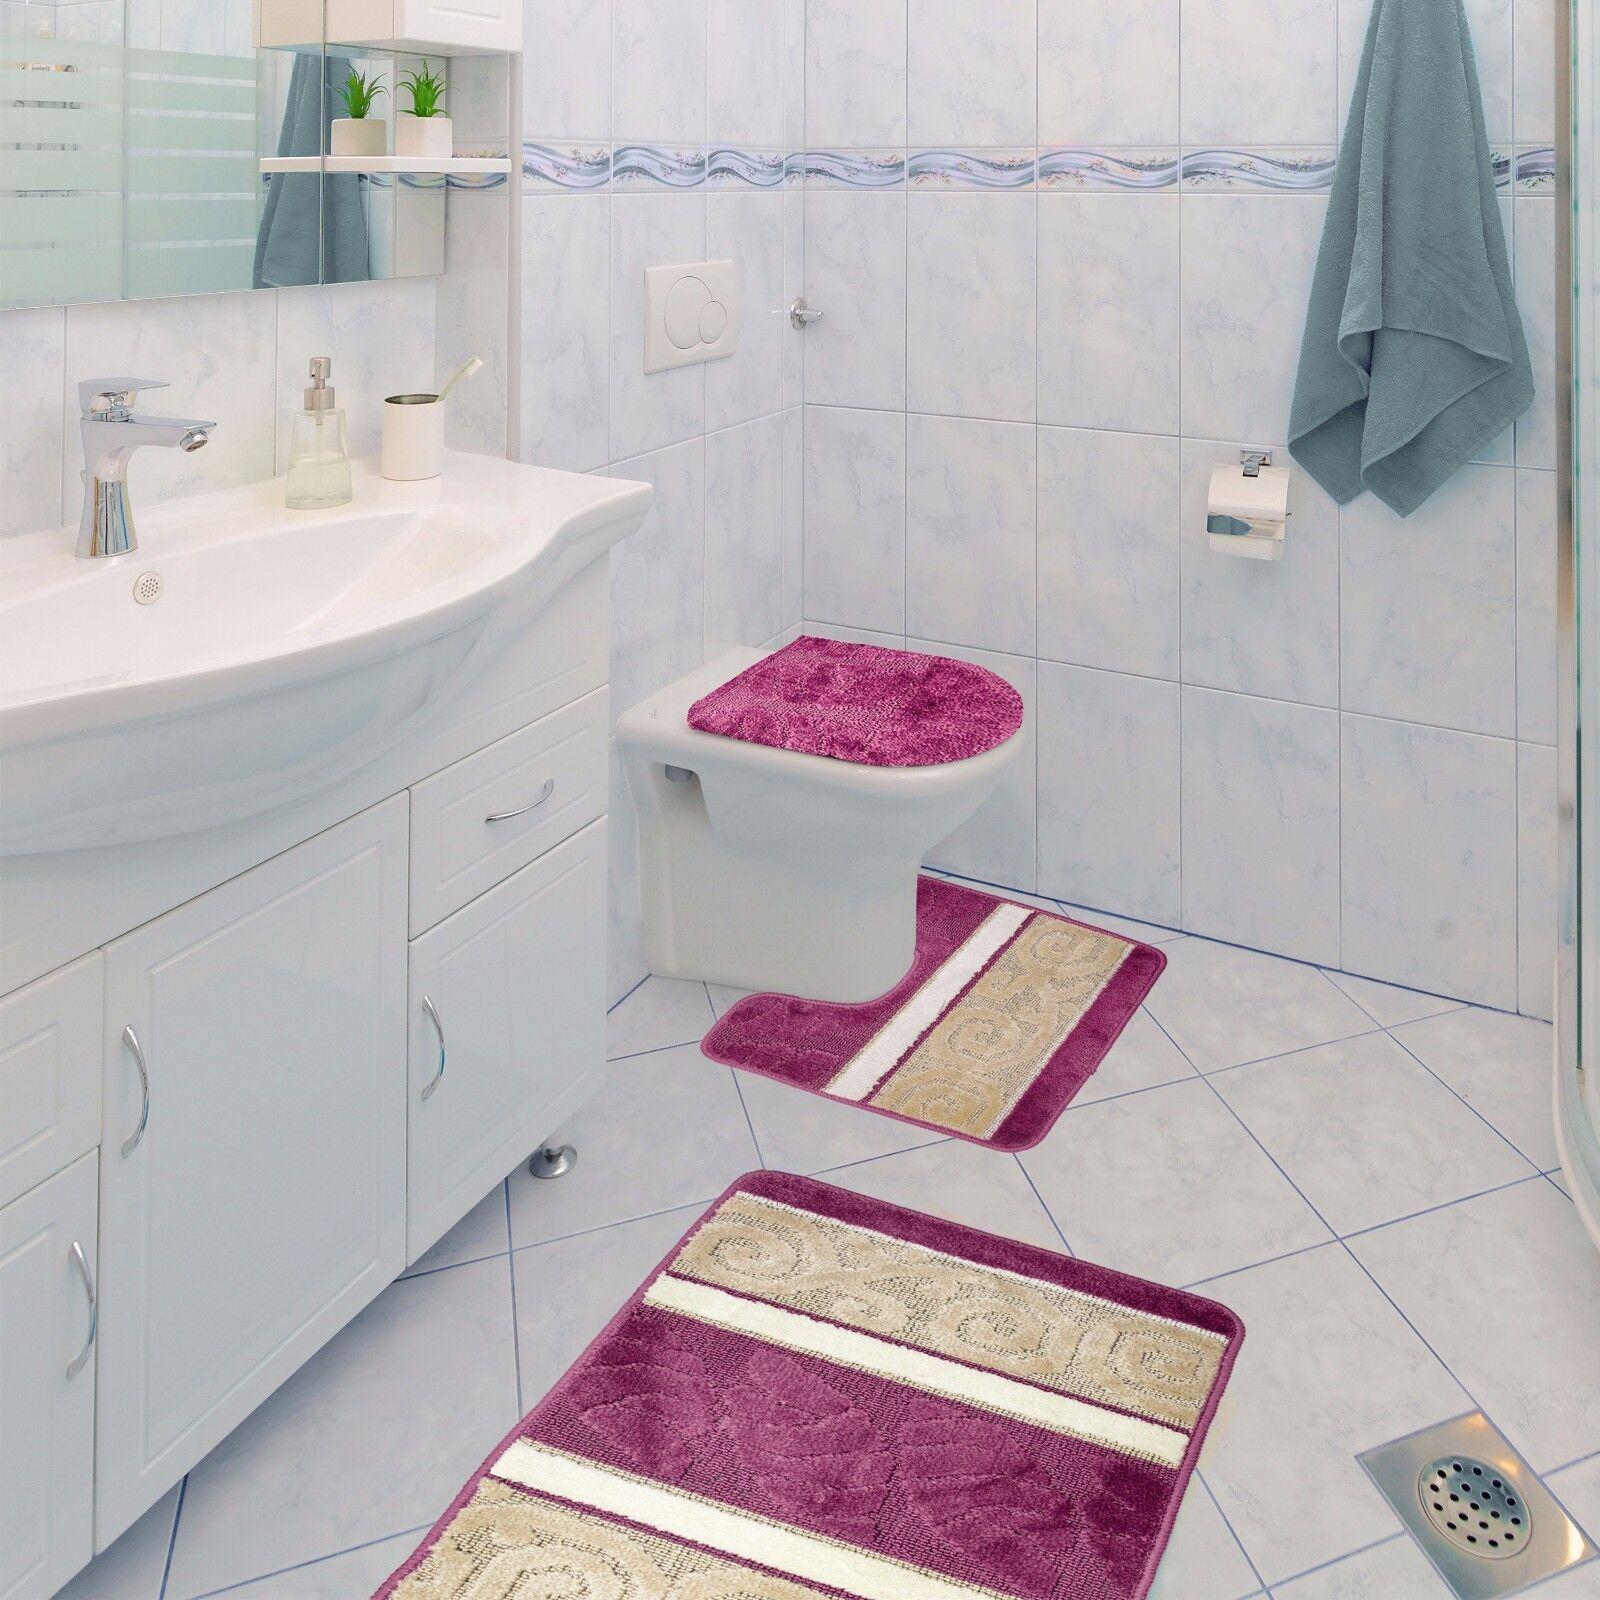 Scroll 3 Piece Bathroom Rug Set Bath Rug Contour Rug Lid Cover Sage Green  eBay